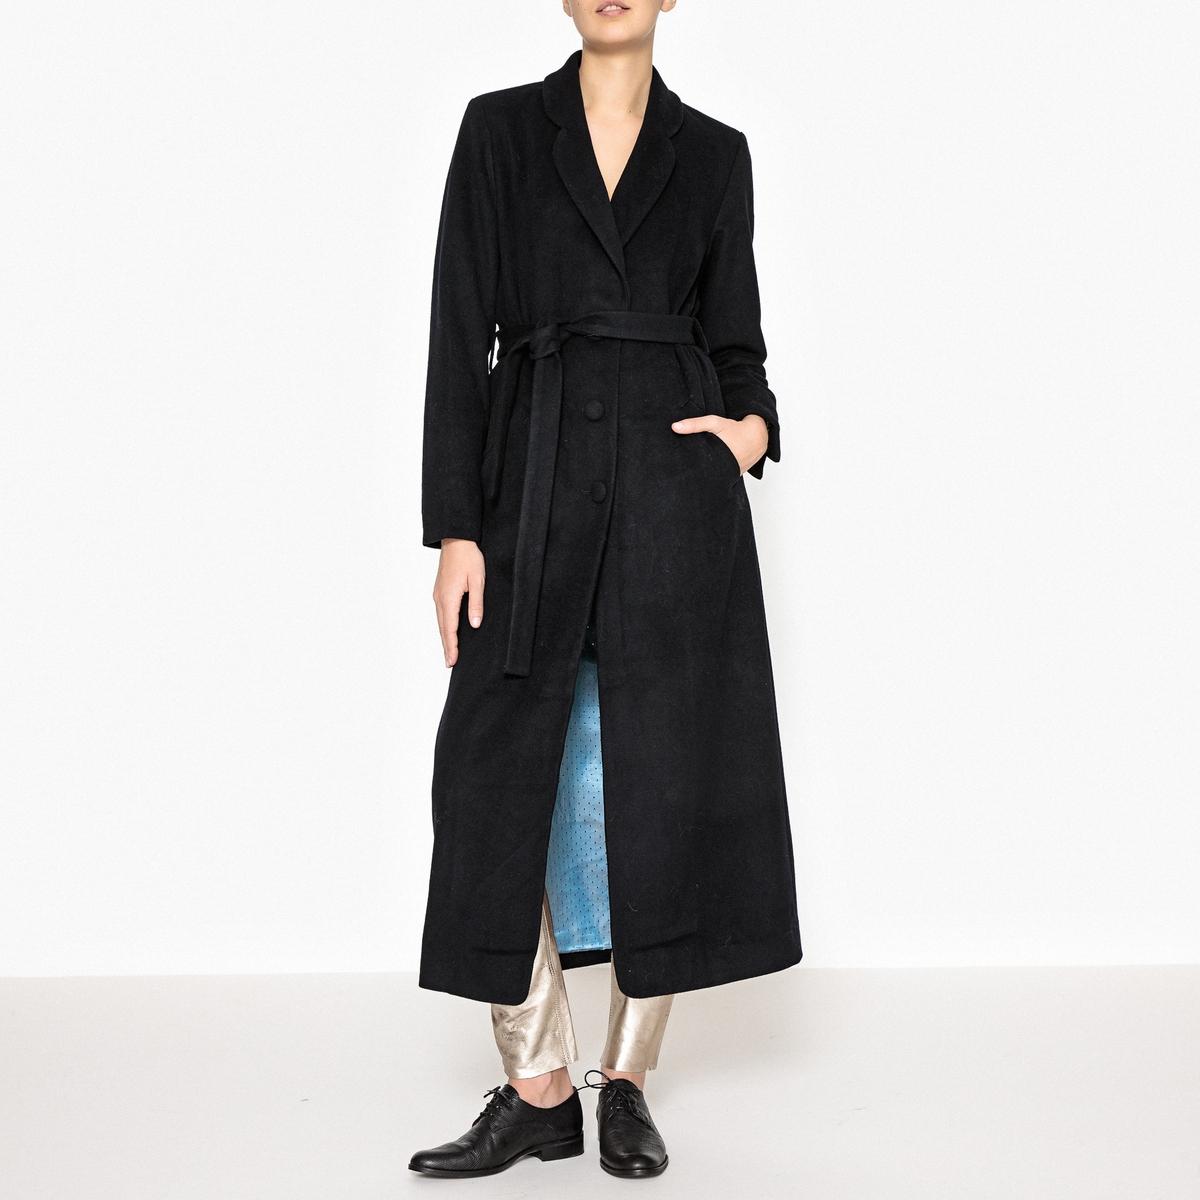 Пальто длинное с ремешком HERMANN драповое длинное пальто из шерсти claudius